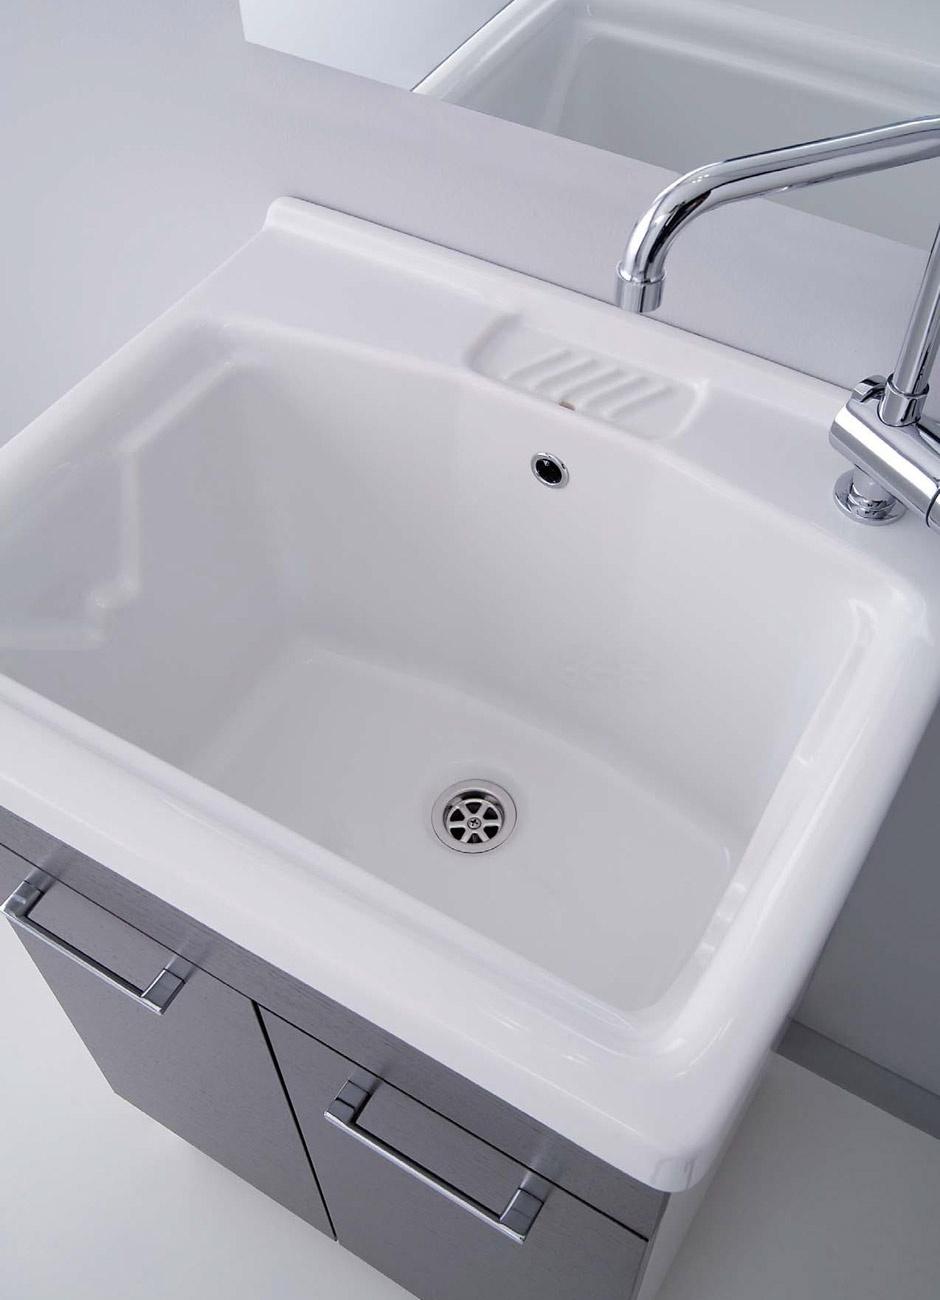 Lavabi in ceramica Serie Oceano